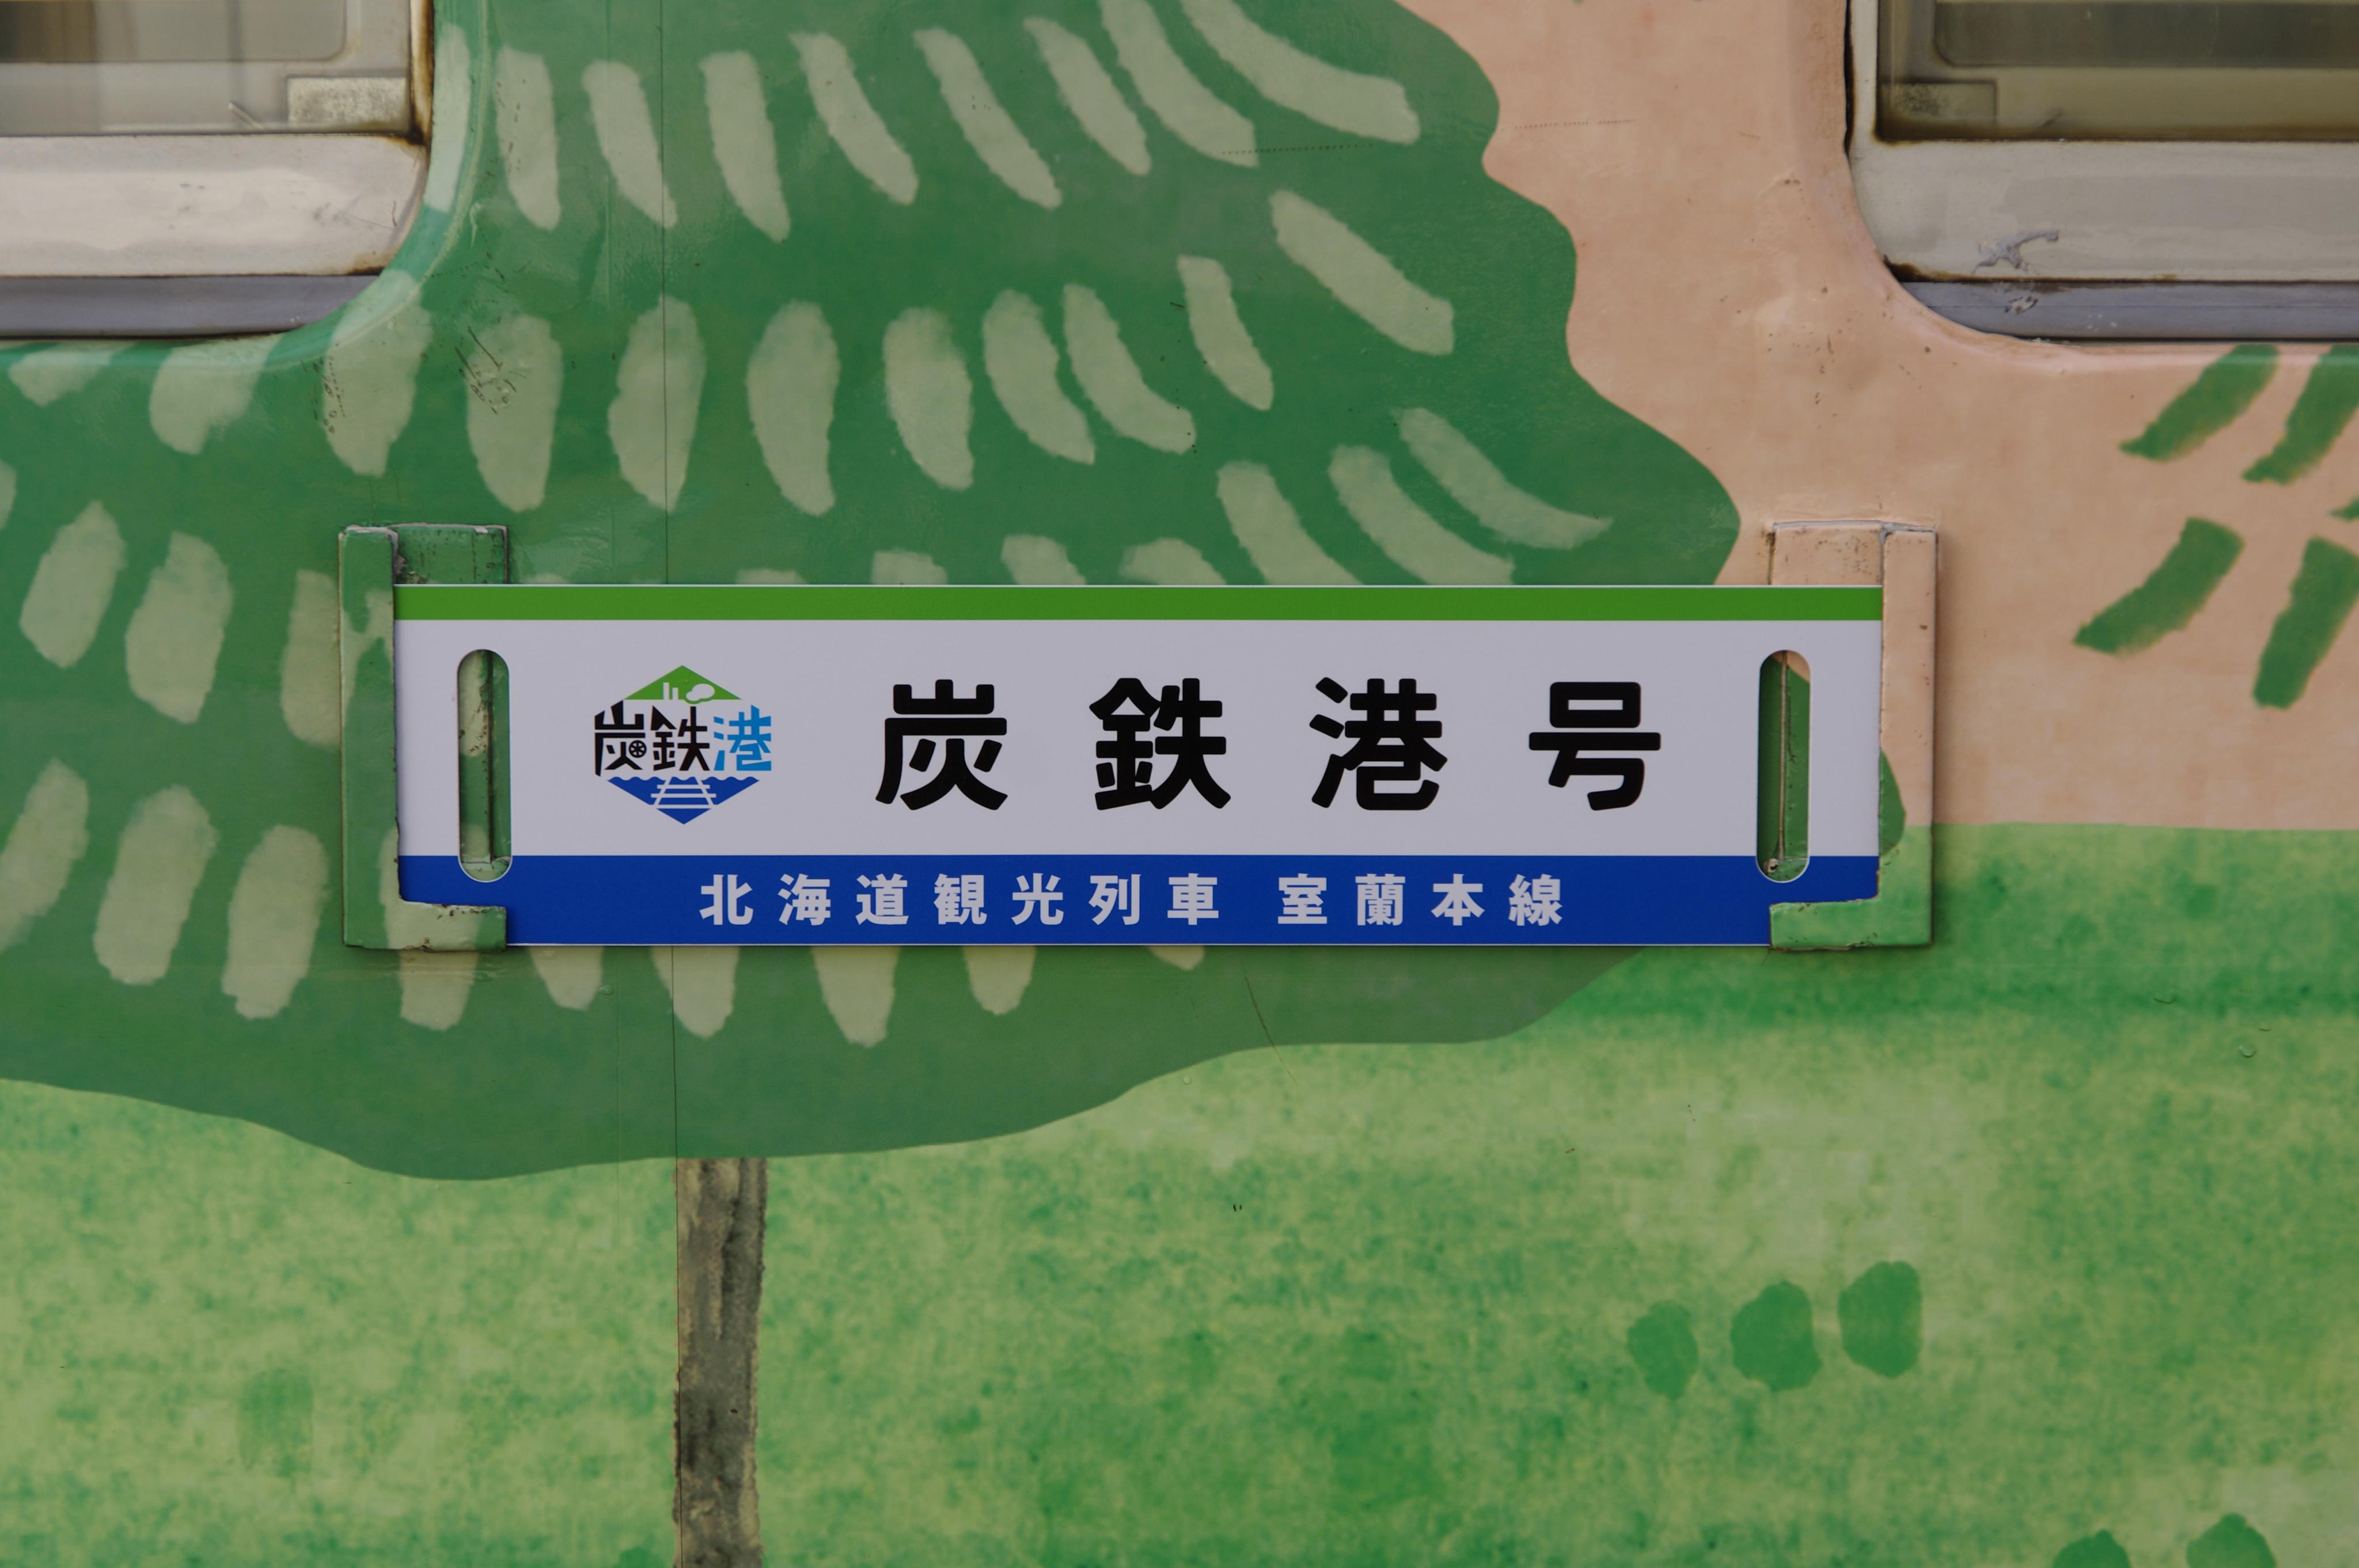 団臨「花の恵み号」で行く室蘭線 サボ 栗山駅_191130.jpg